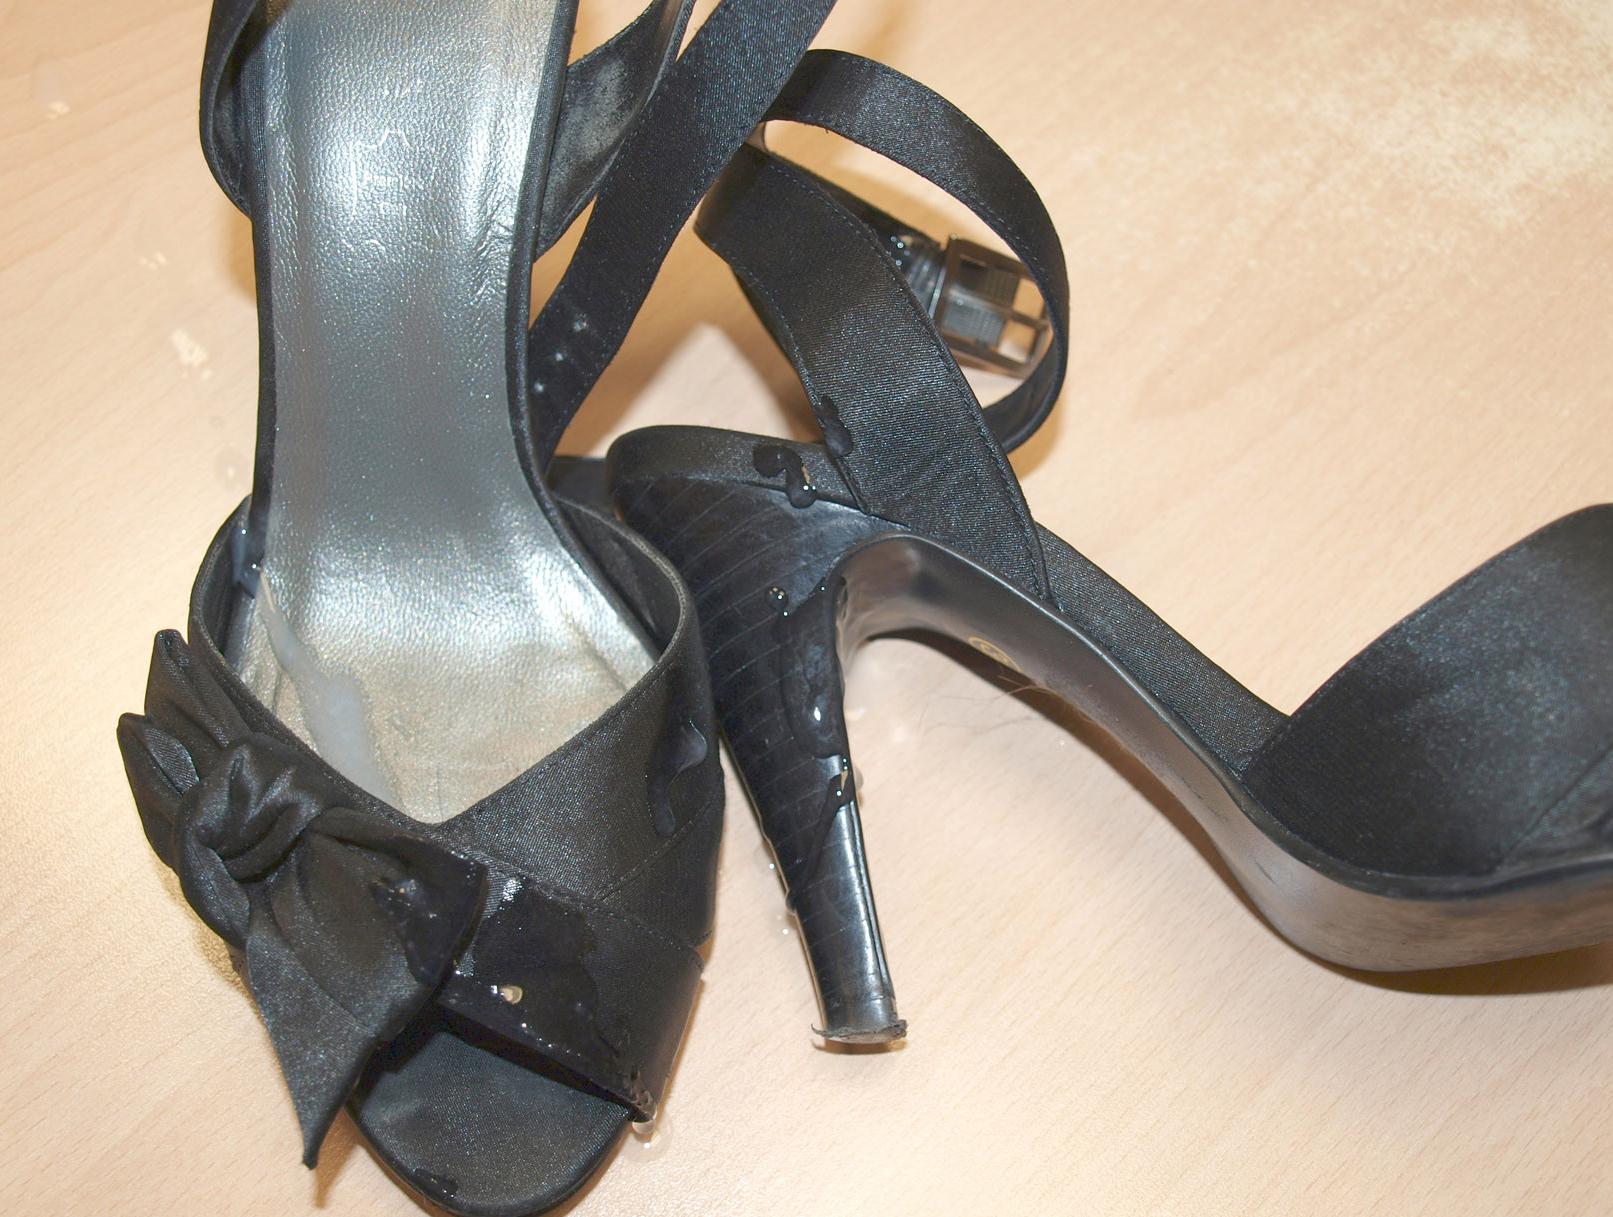 Cum Voyeurweb's Sex Shoes In Wiki About CrxdBoe